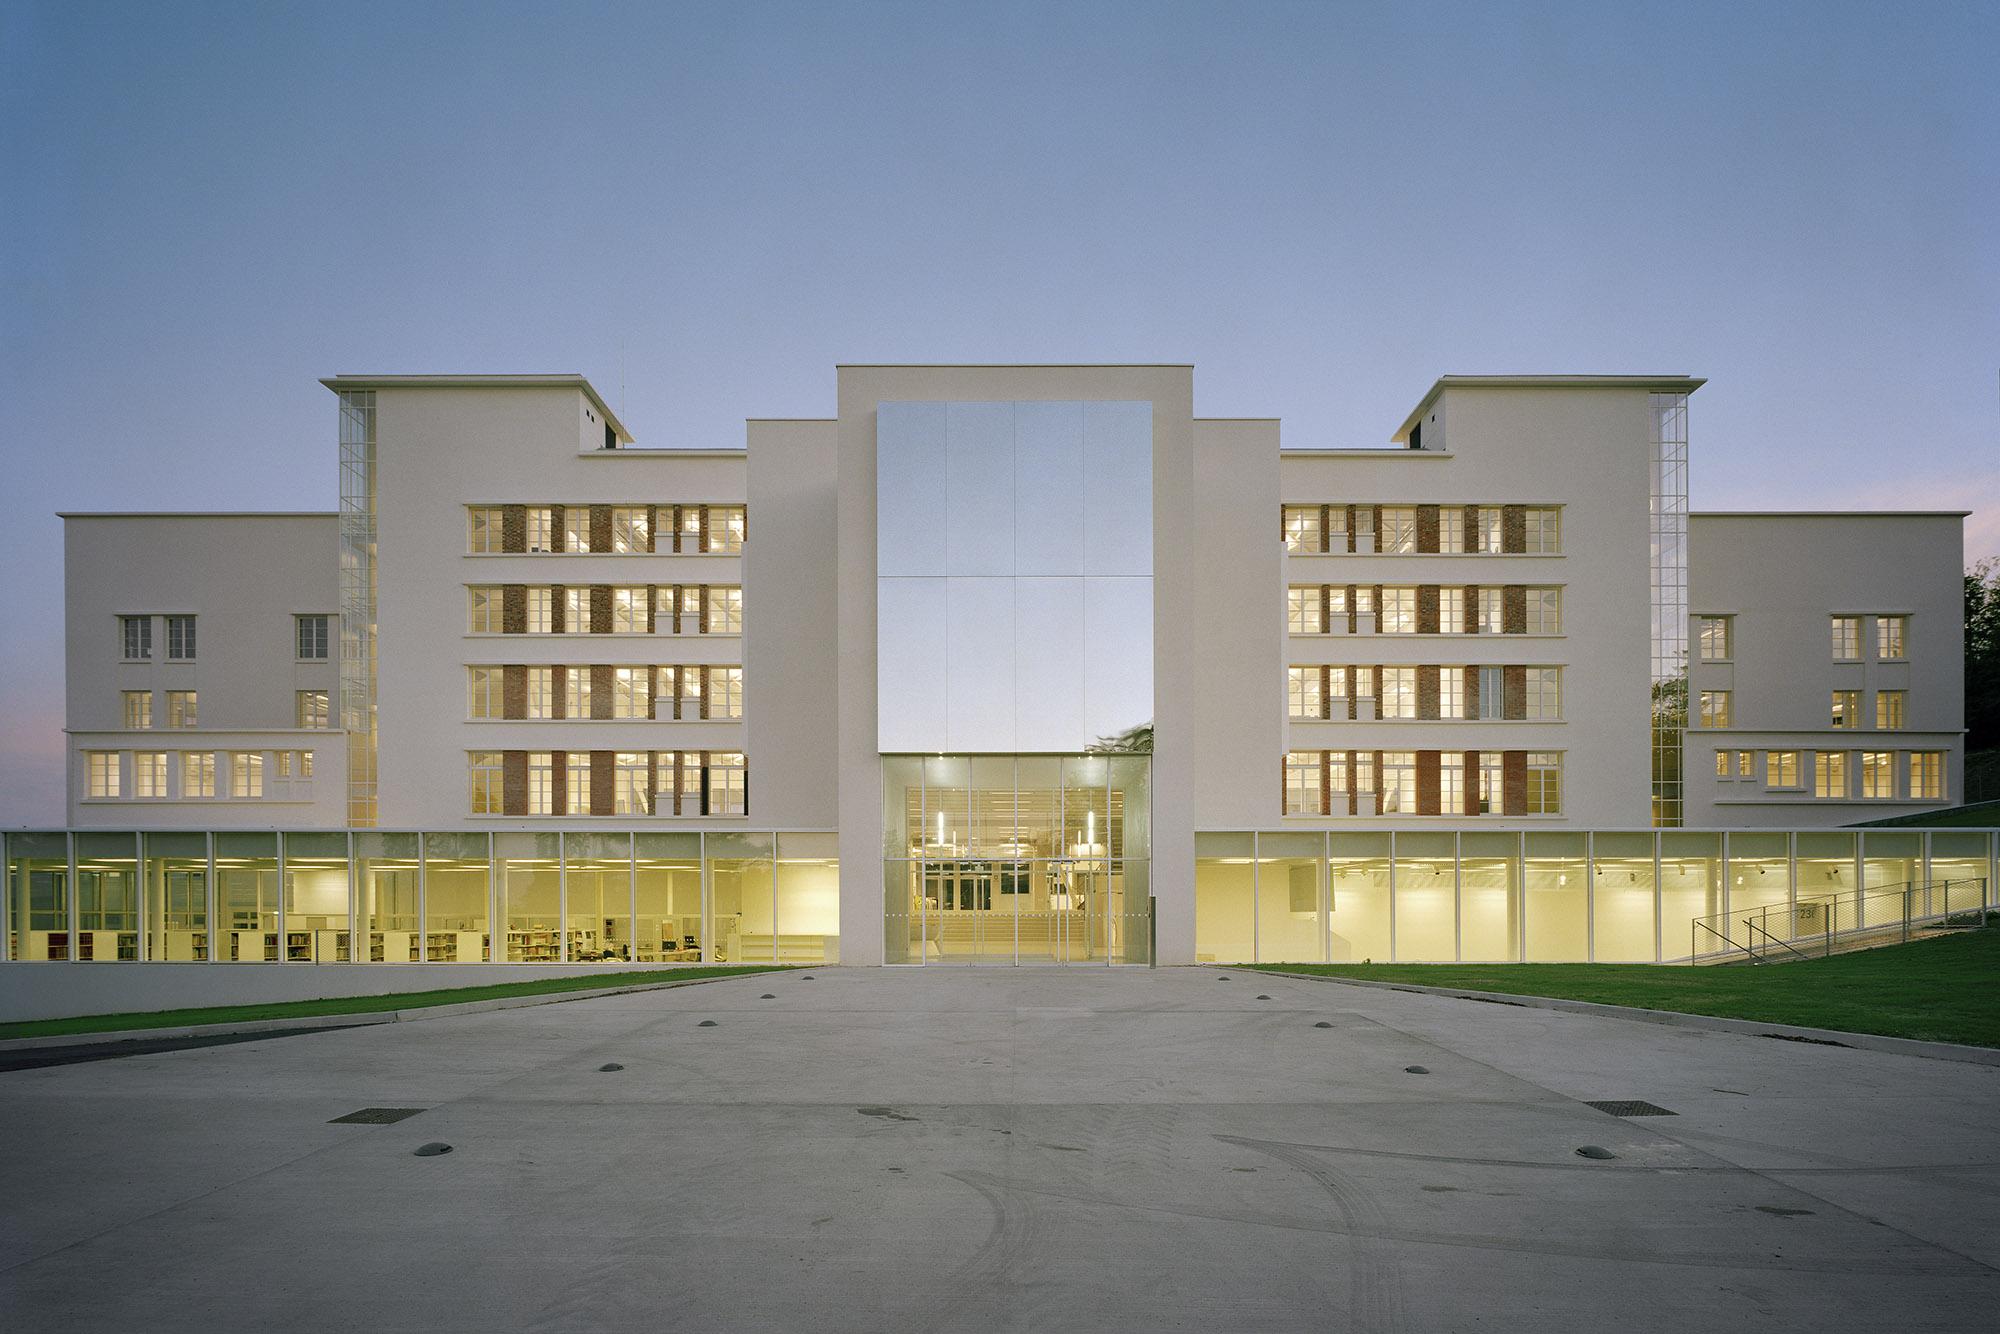 École D Architecture Clermont clermont ecole d'architecture | architect magazine